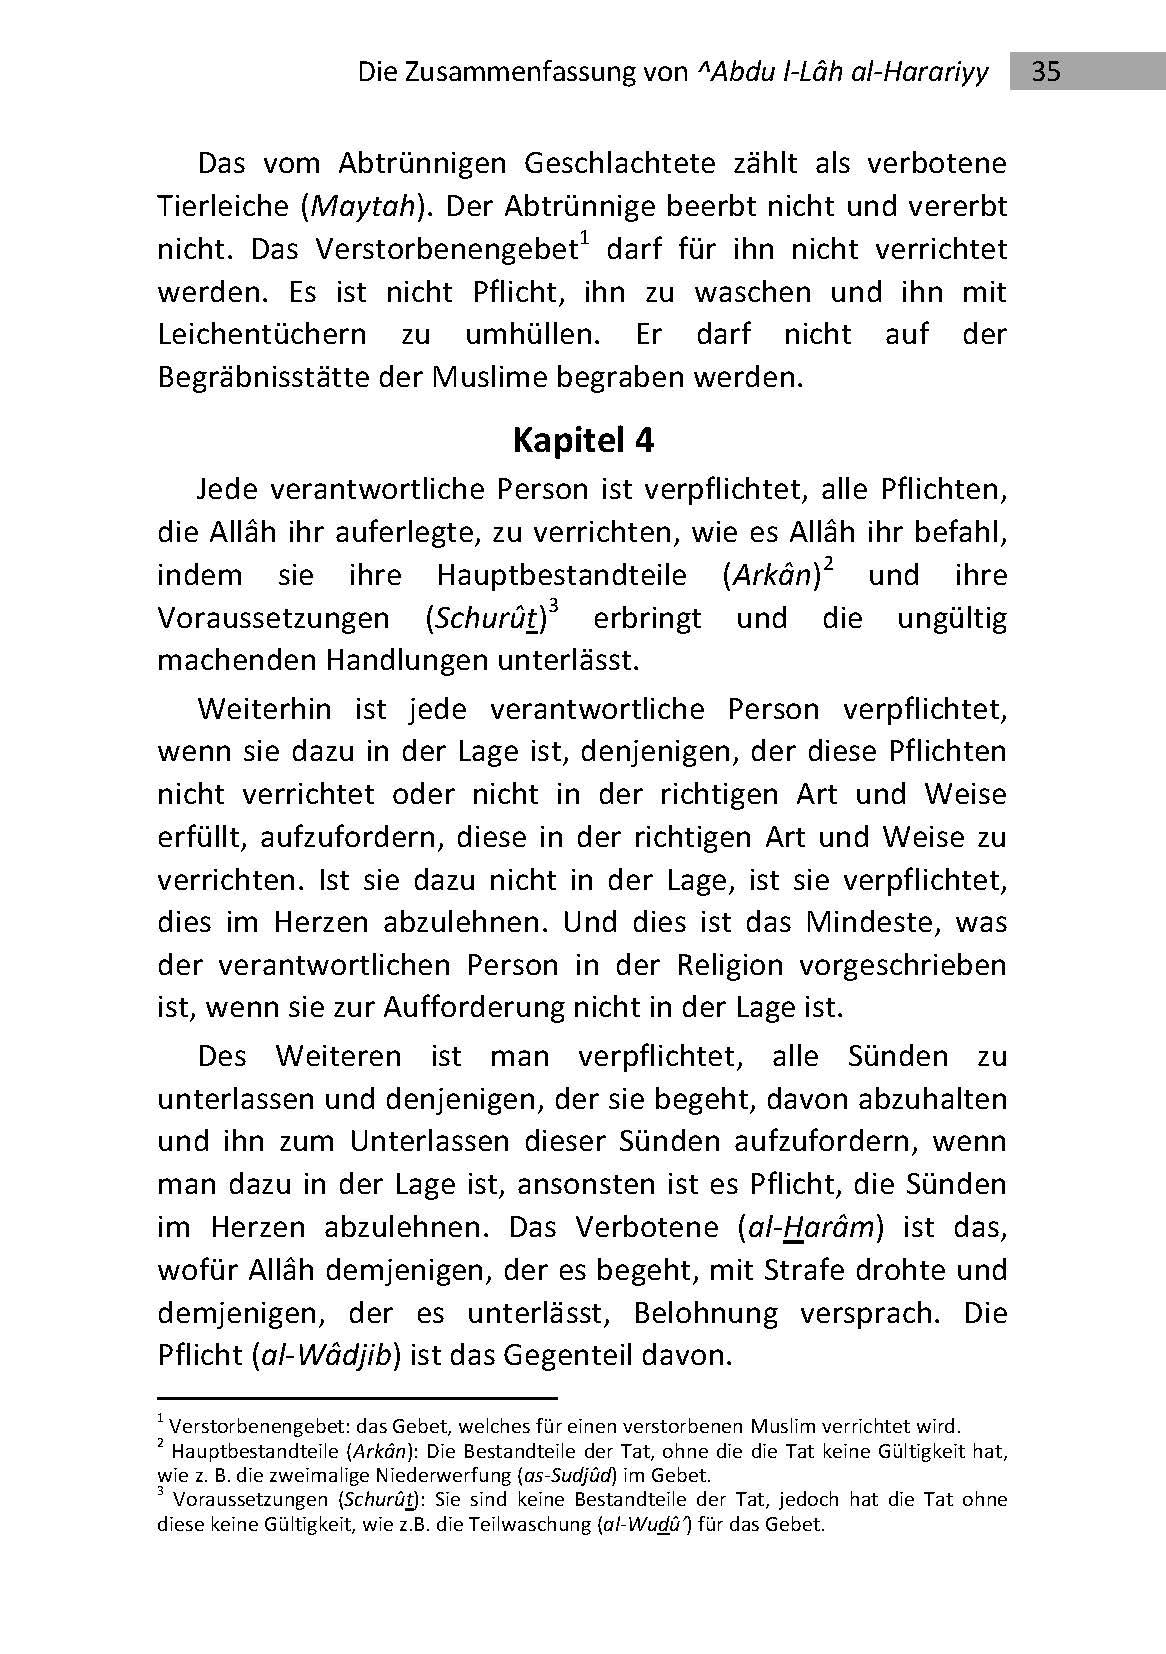 Die Zusammenfassung - 3. Auflage 2014_Seite_35